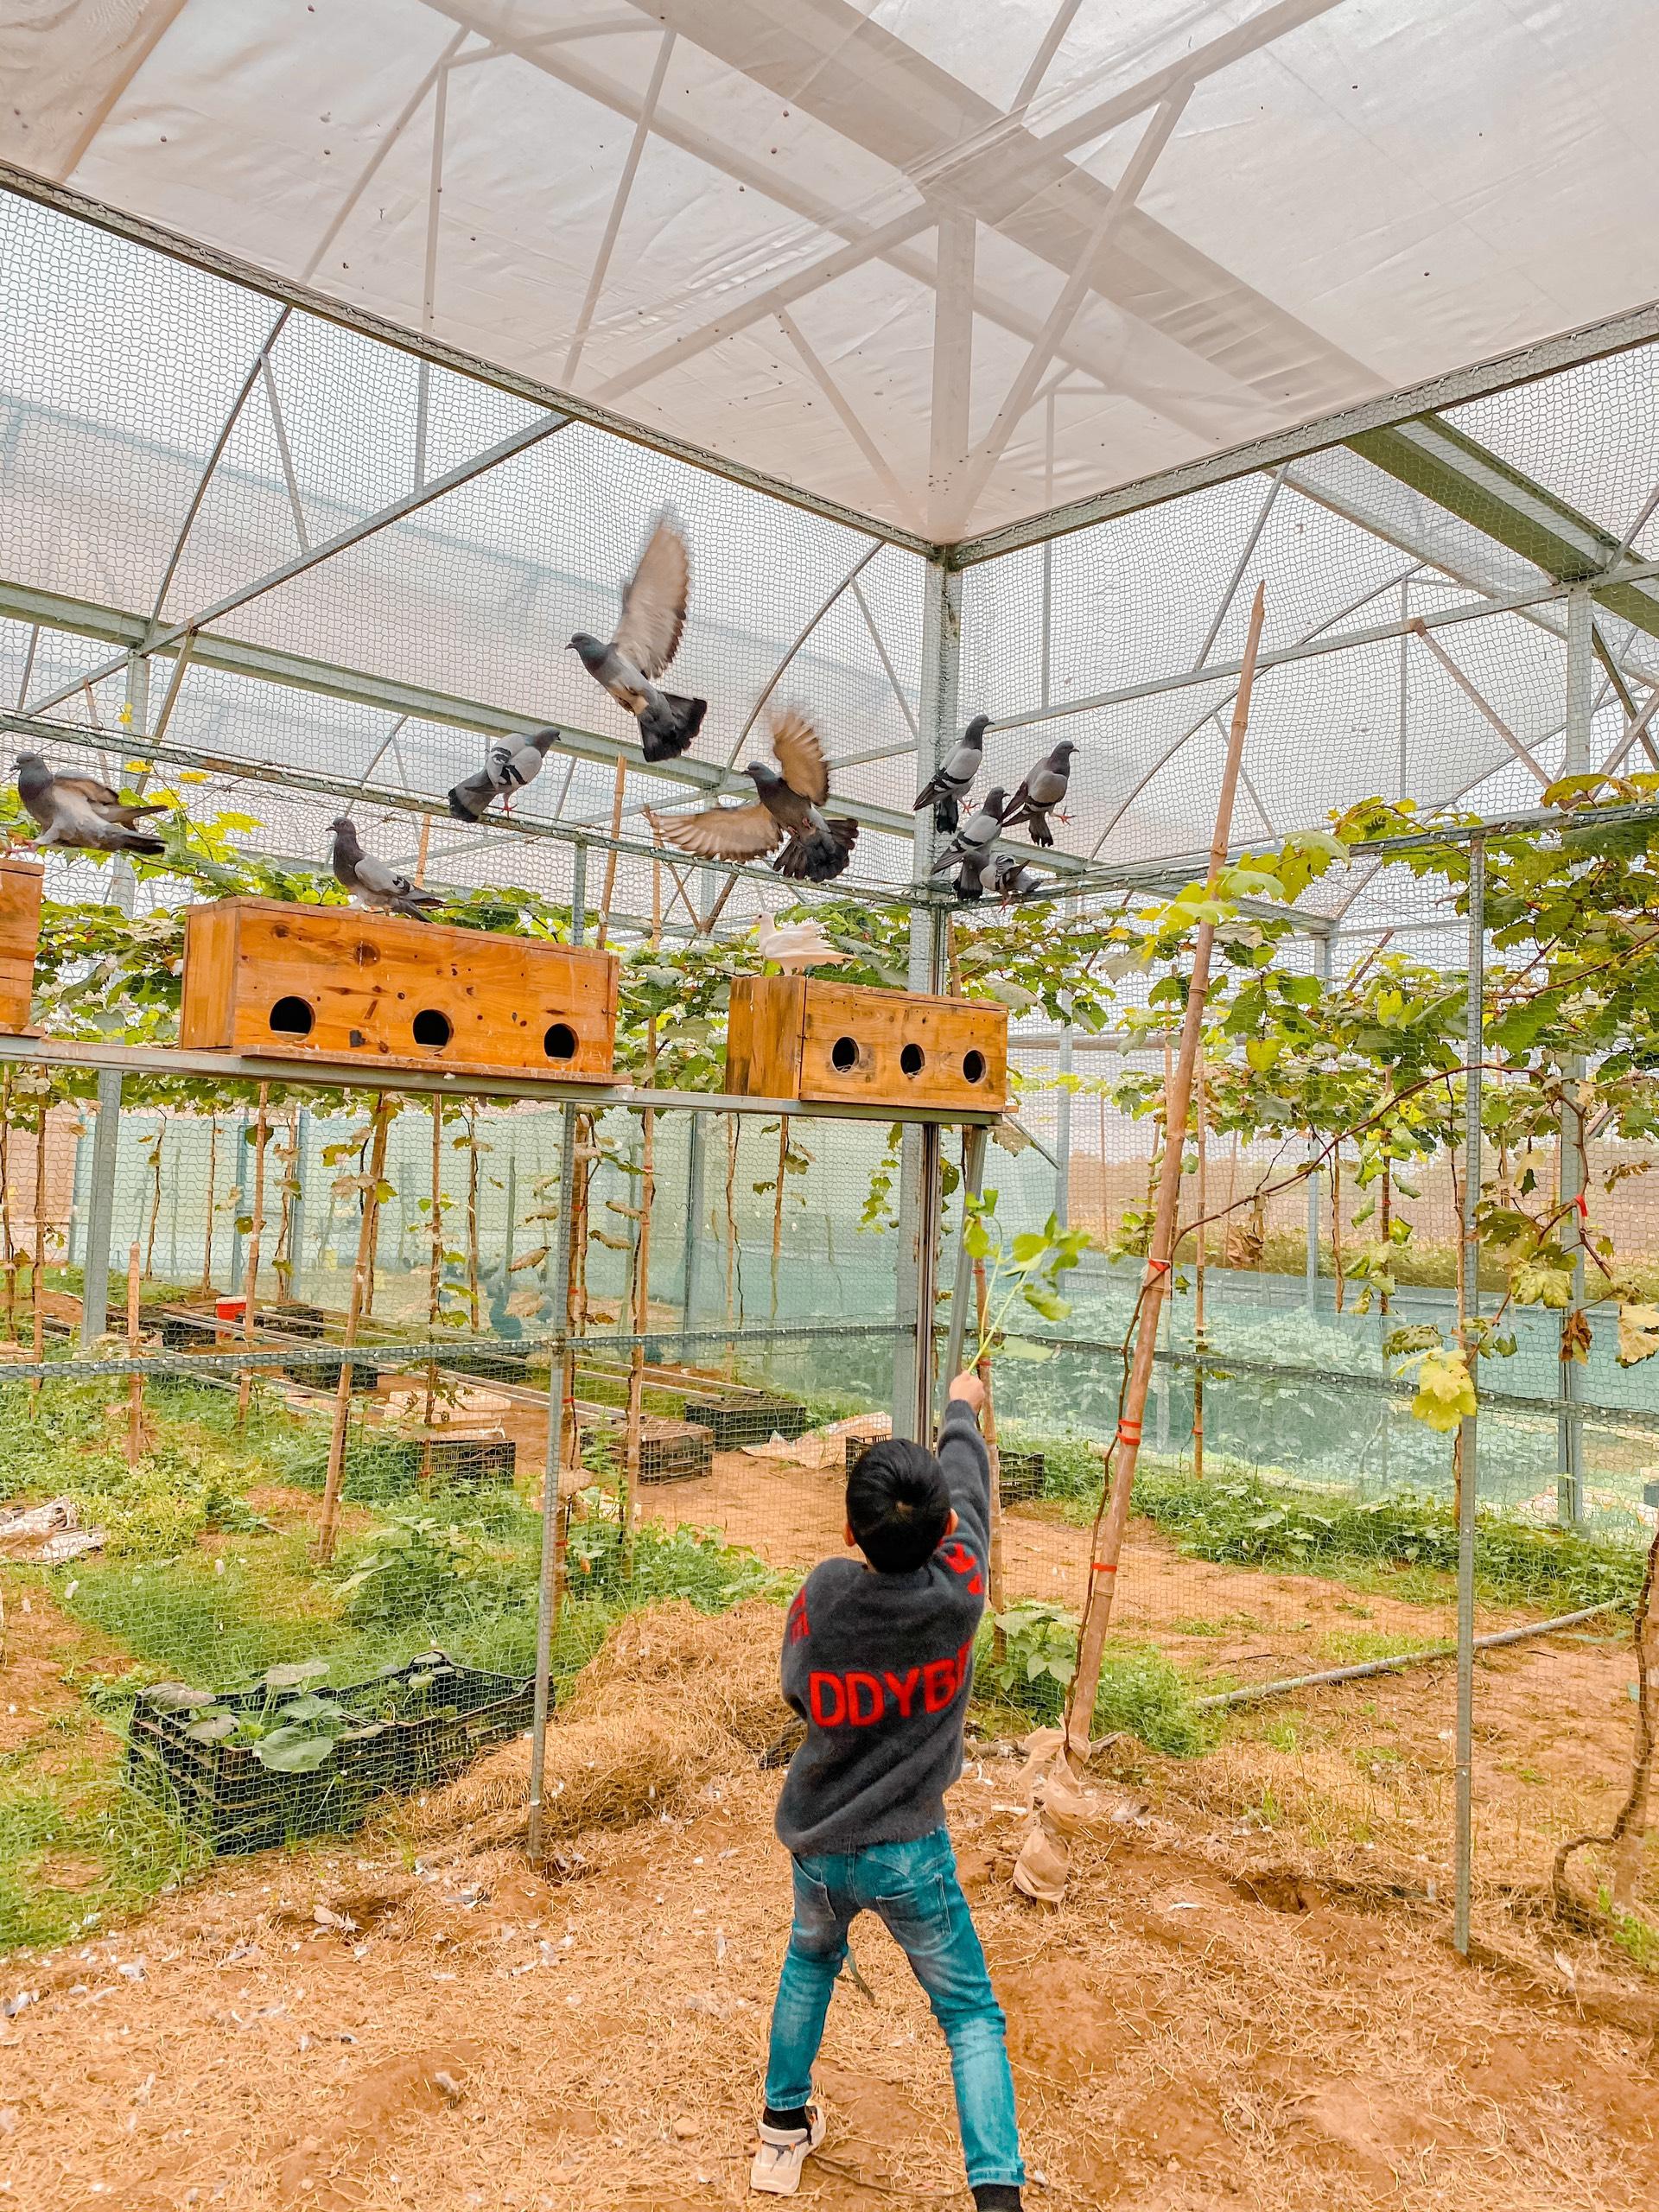 Vườn chim tham quan hoàn toàn miễn phí của Chimi Farm 4